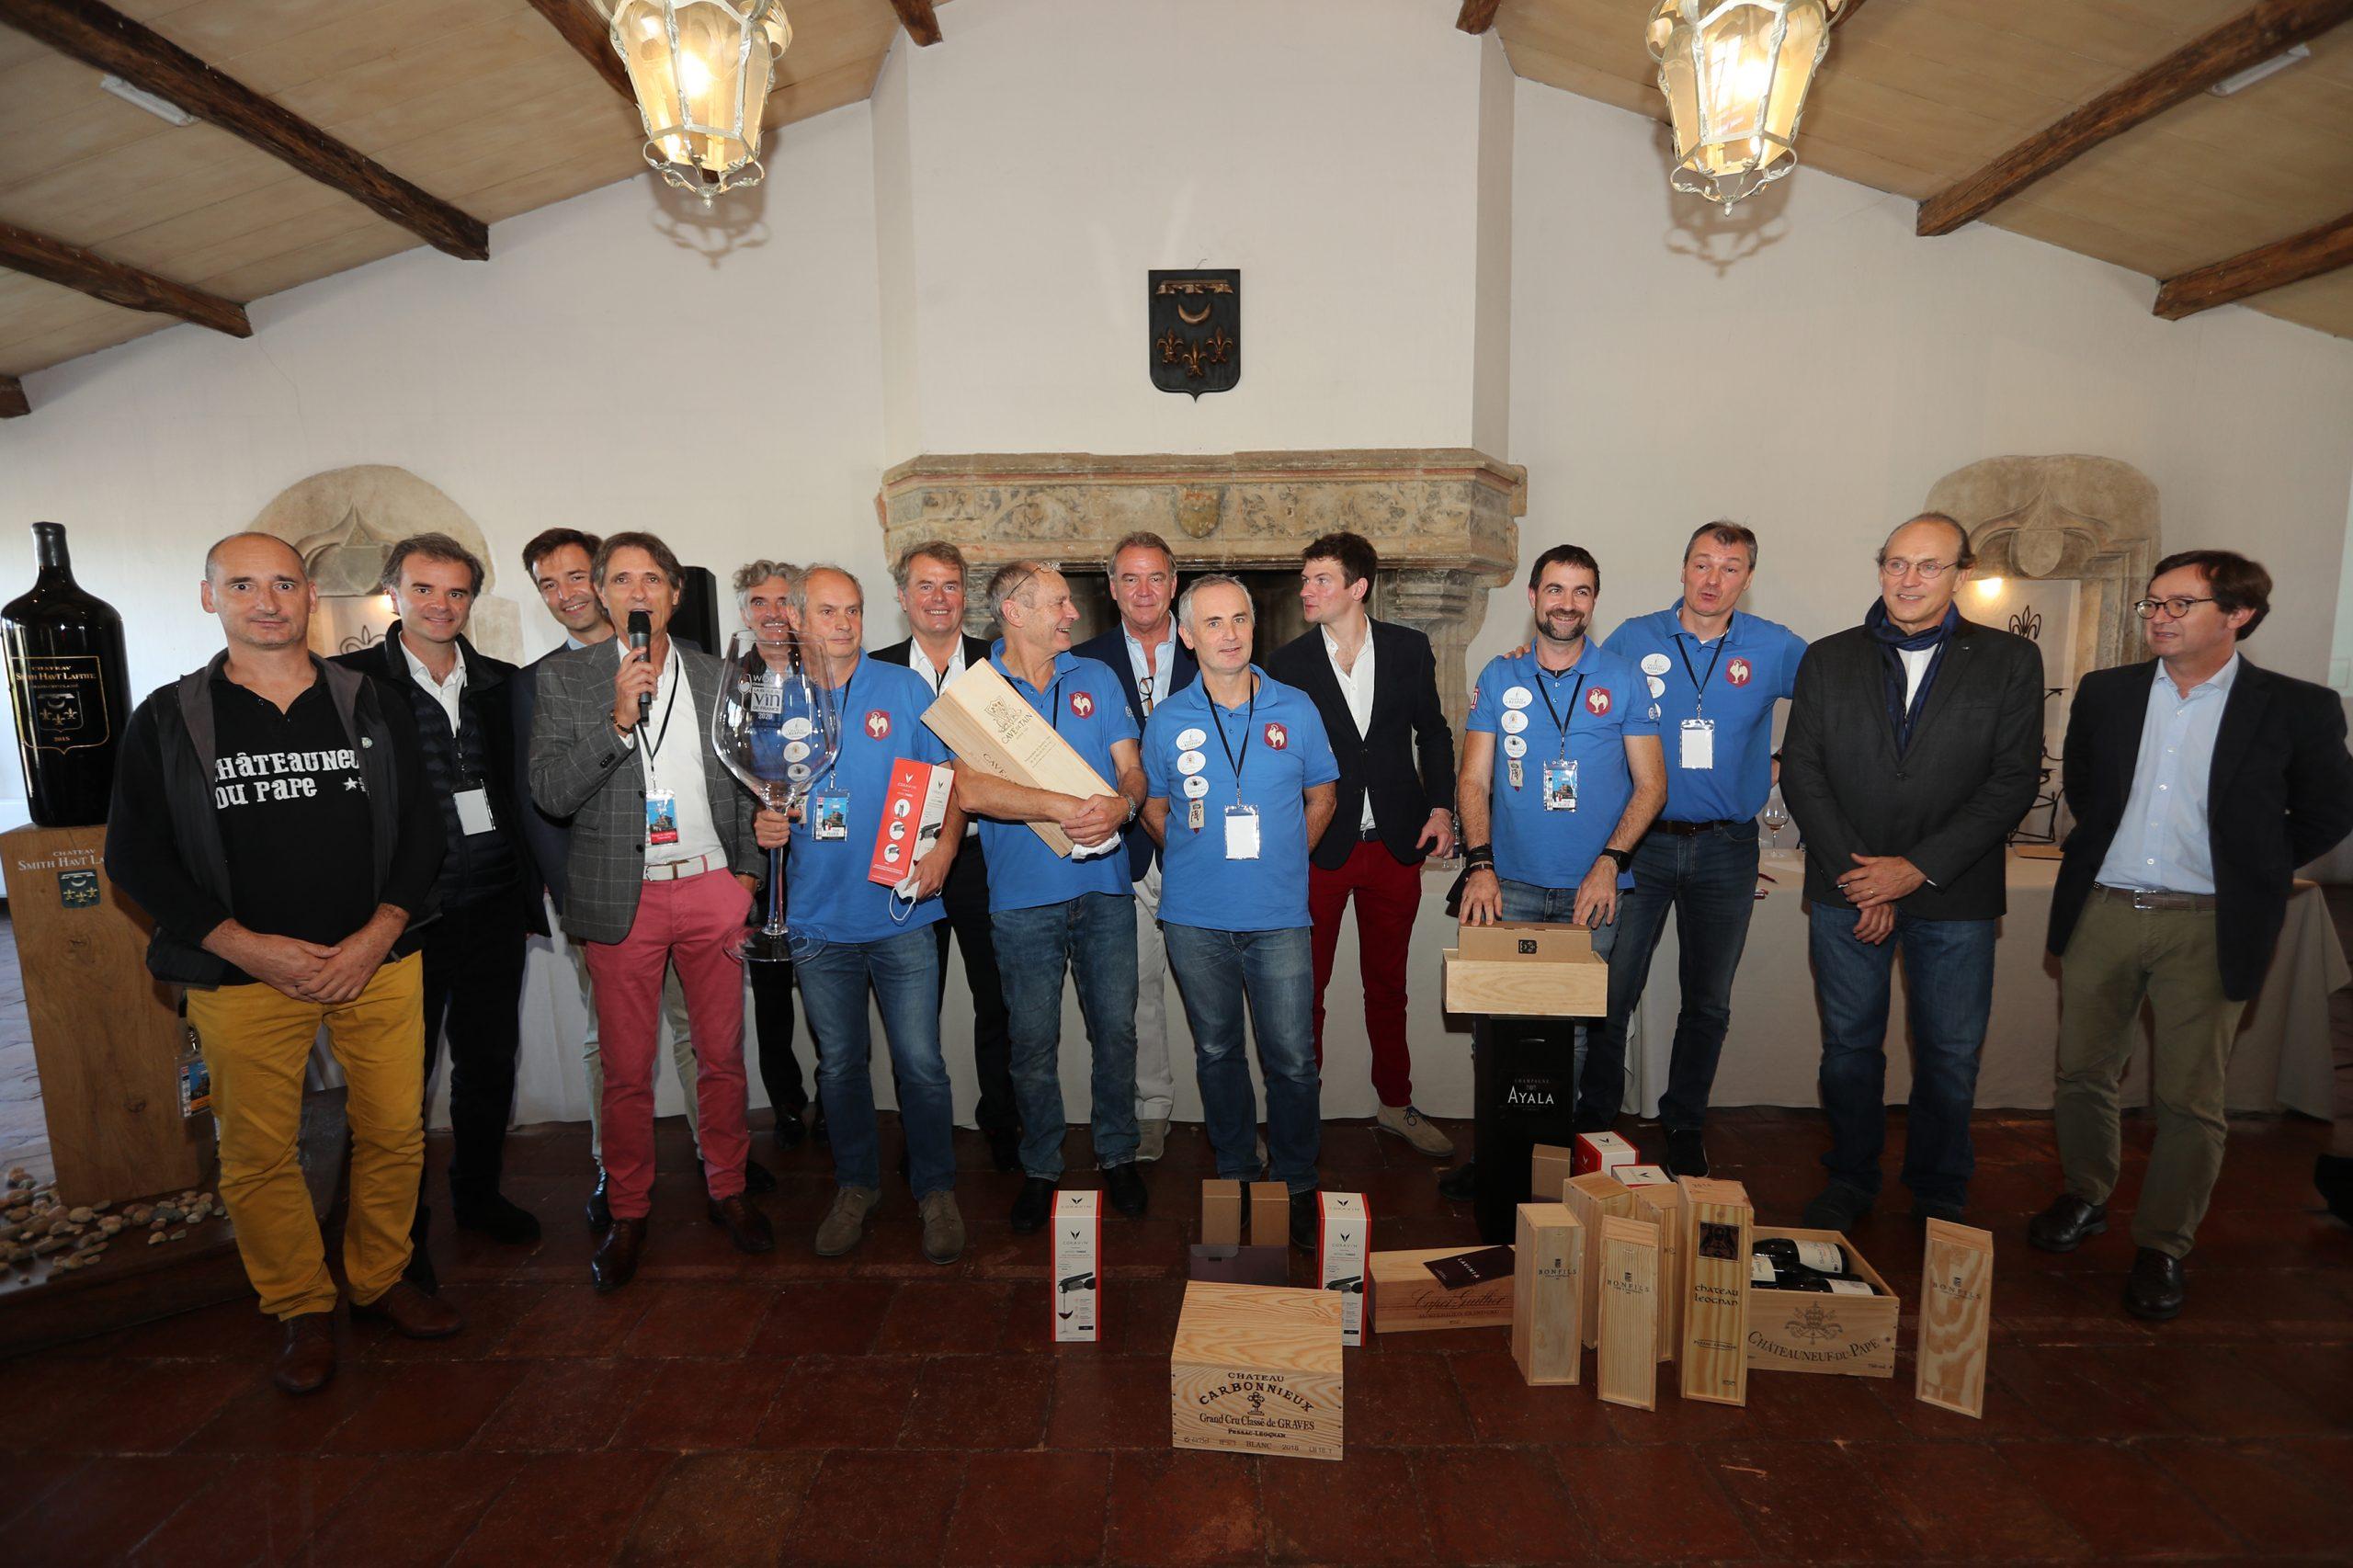 L'équipe de France (en bleu), championne du monde de dégustation à l'aveugle 2020, au Château Smith Haut-Lafitte. Photo © RVF